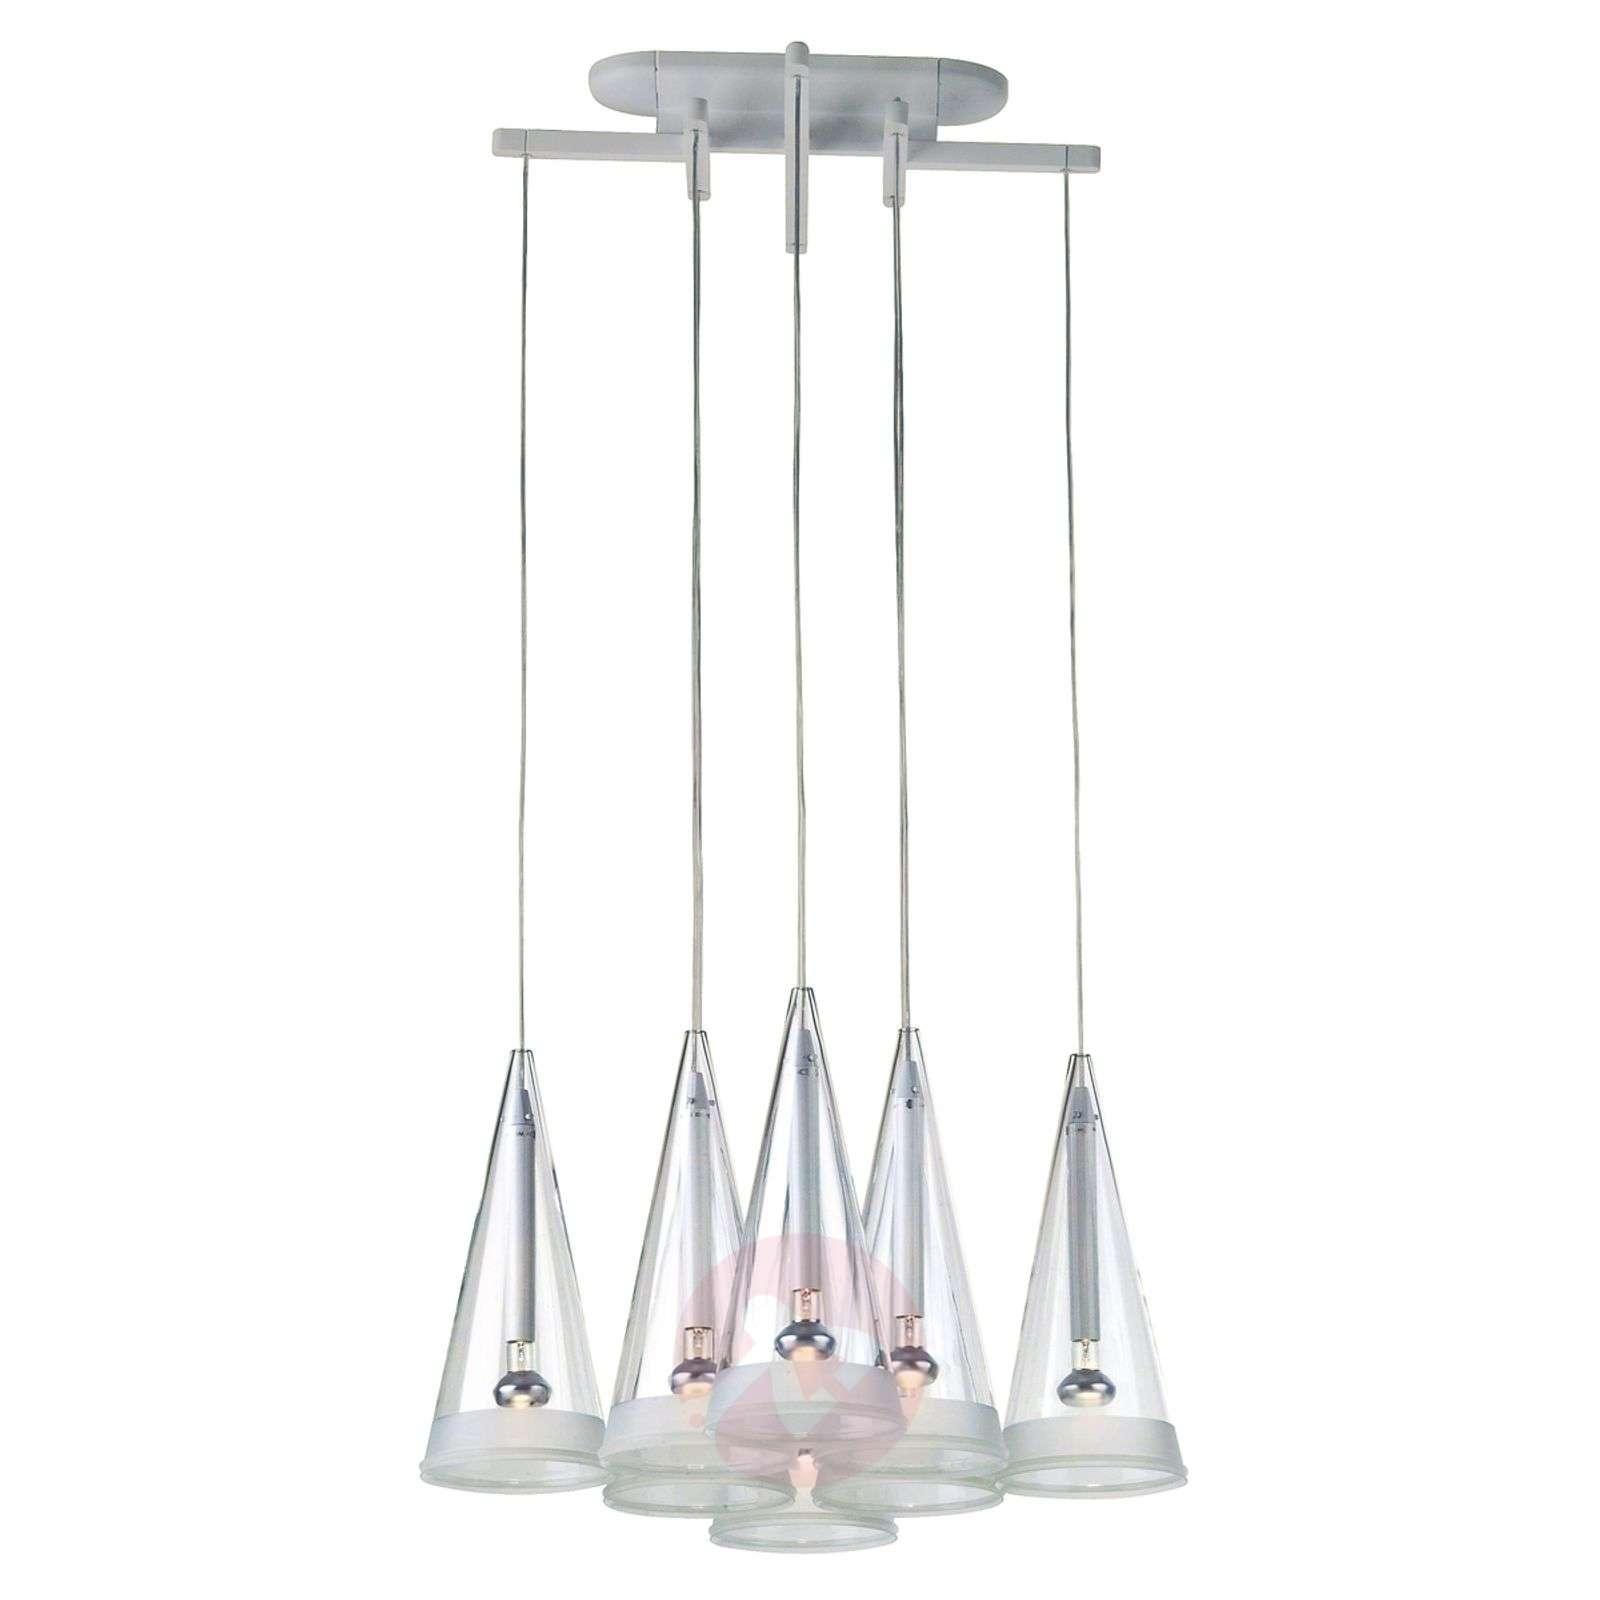 FLOS Fucsia-riippuvalaisin lasinen, 8-lamppuinen-3510314-04